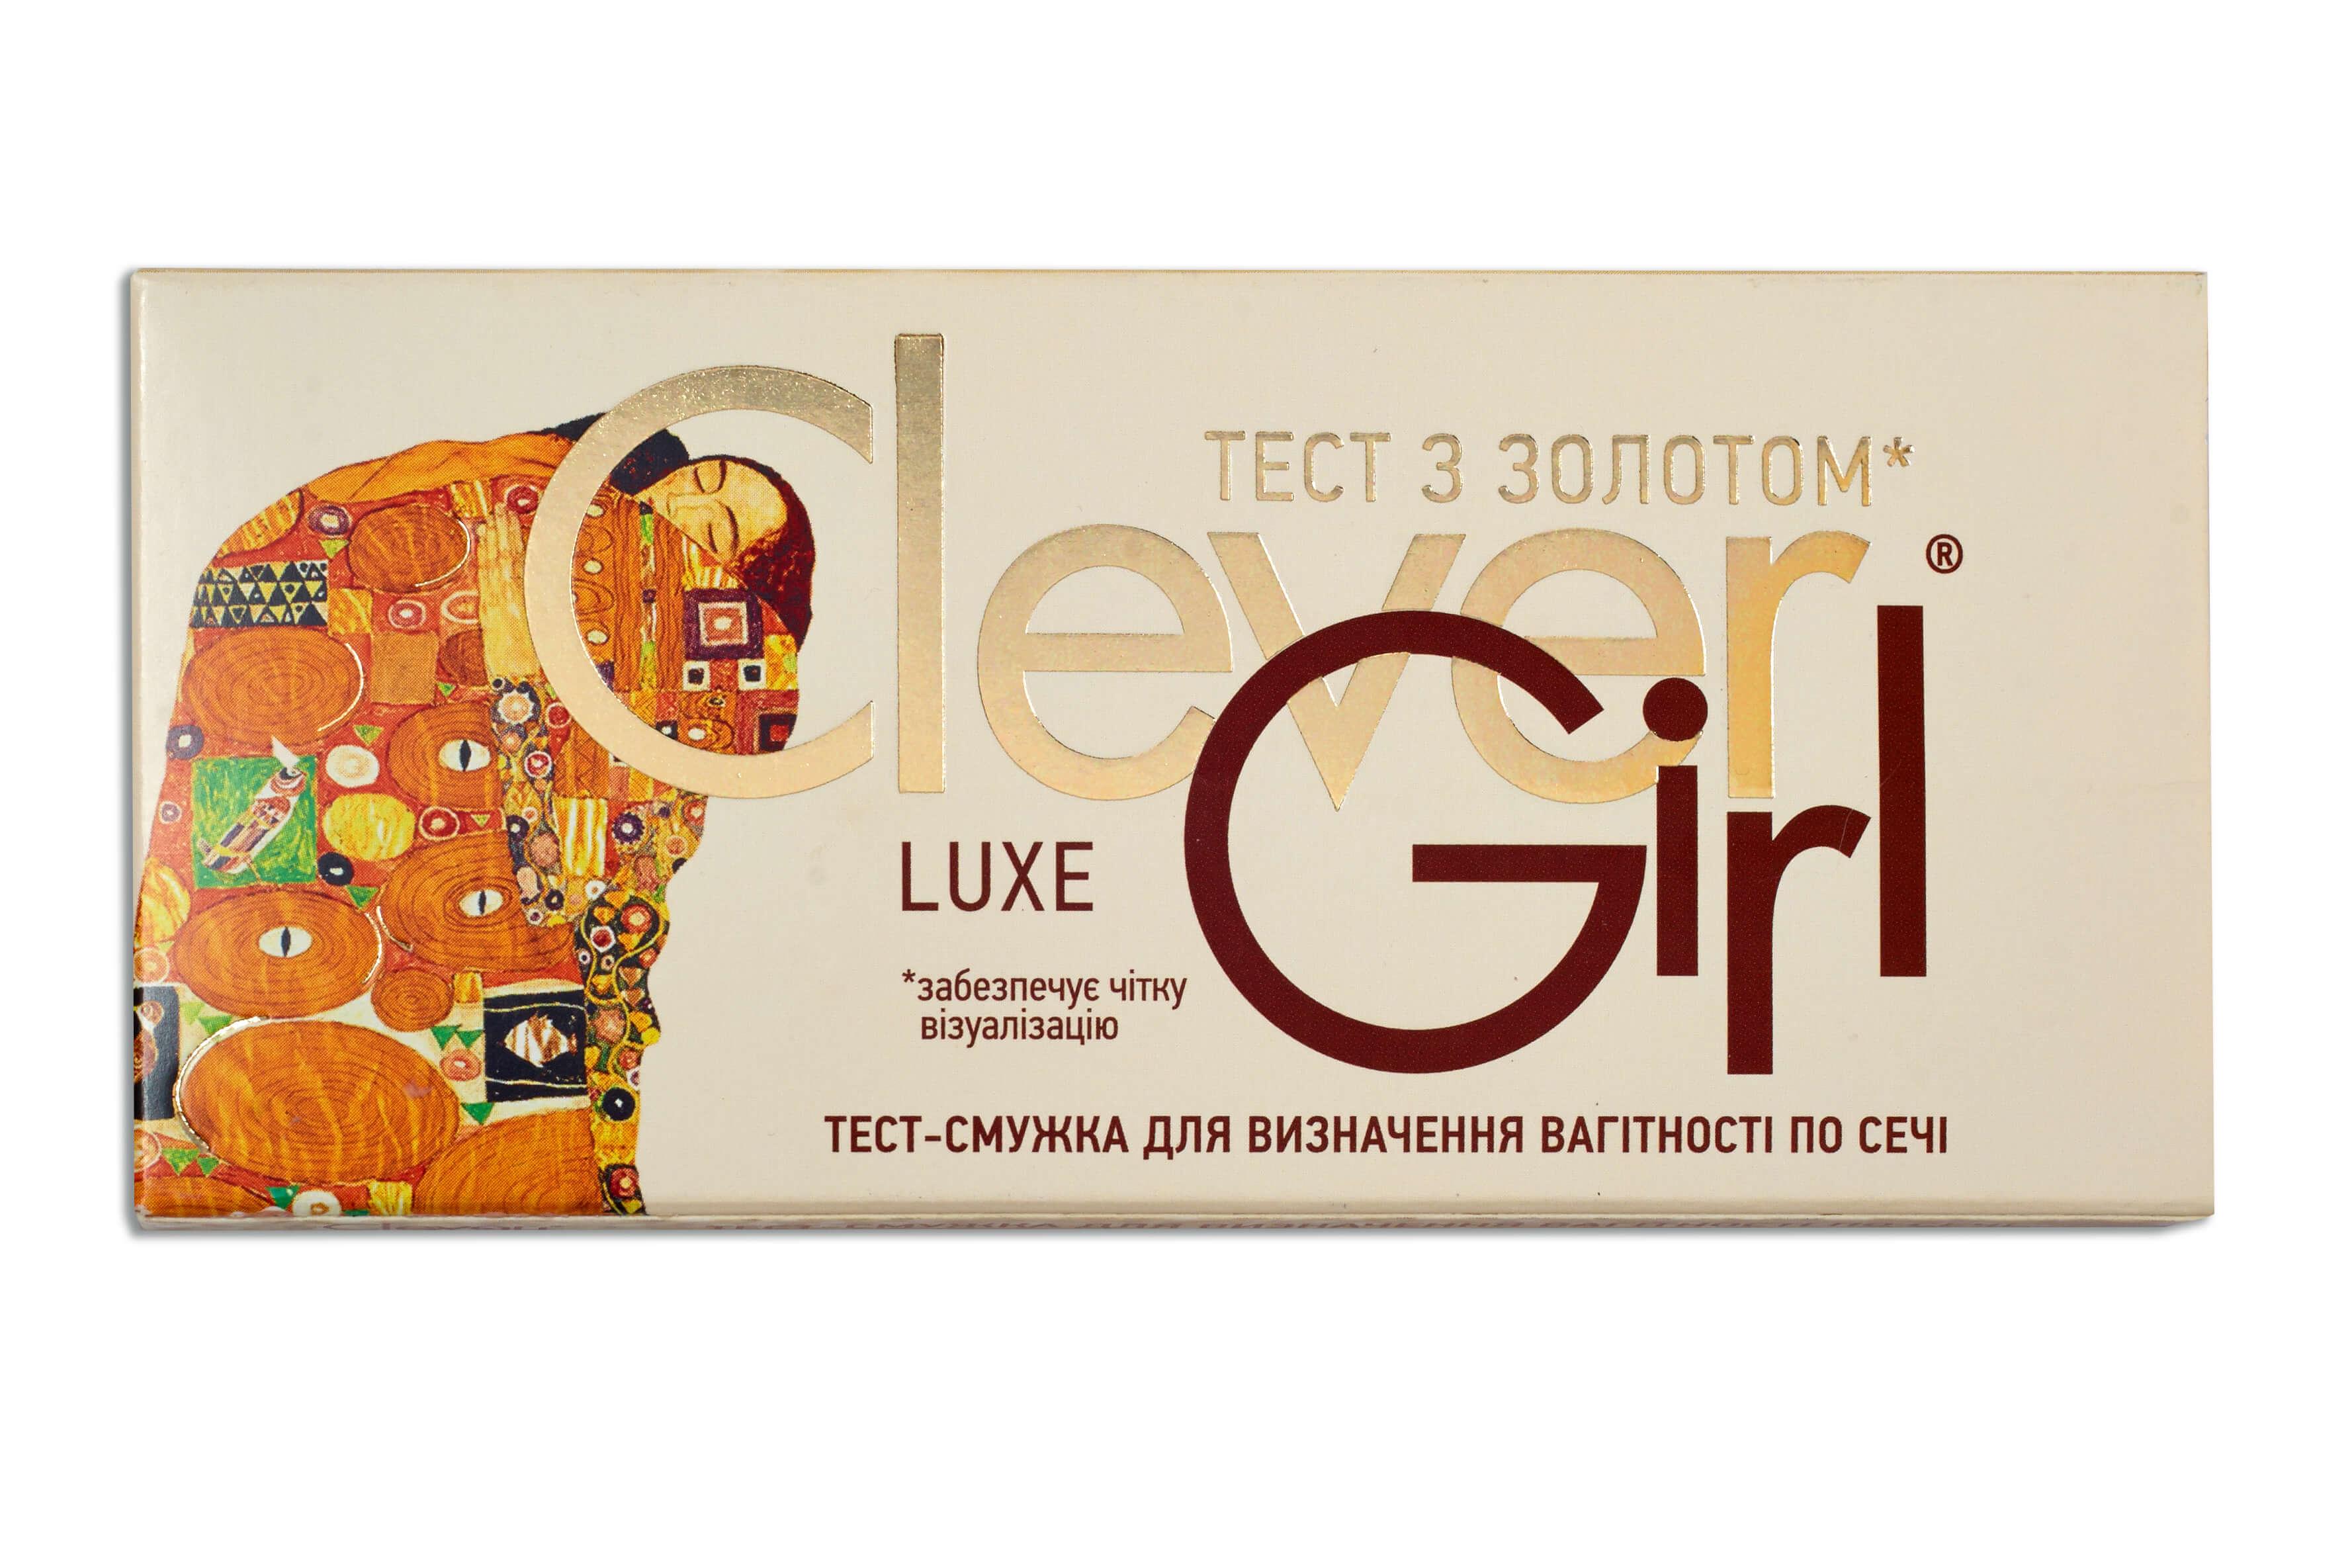 Тест для визначення вагітності Clever Girl Luxe з золотом - Фото 1